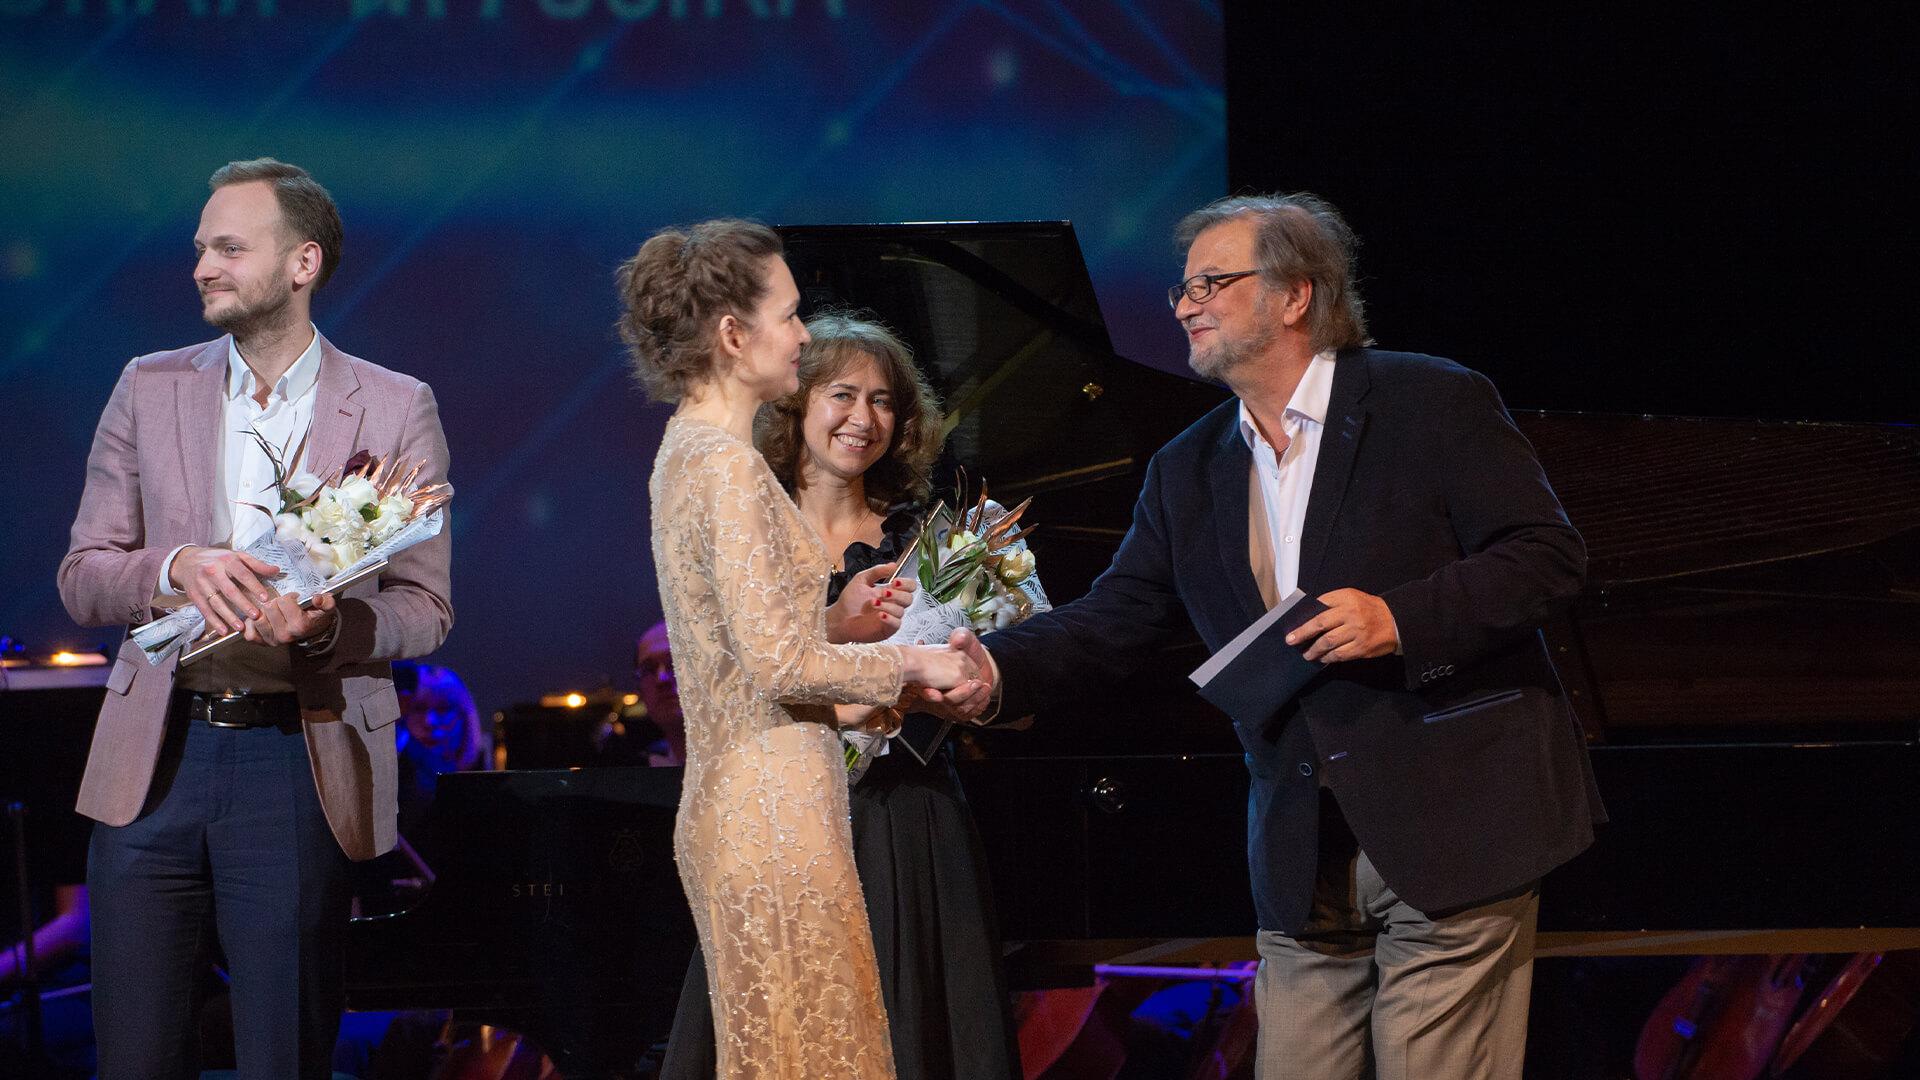 на фото: Сергей Красин, Ольга Соловьева, Анна Засимова, Алексей Рыбников